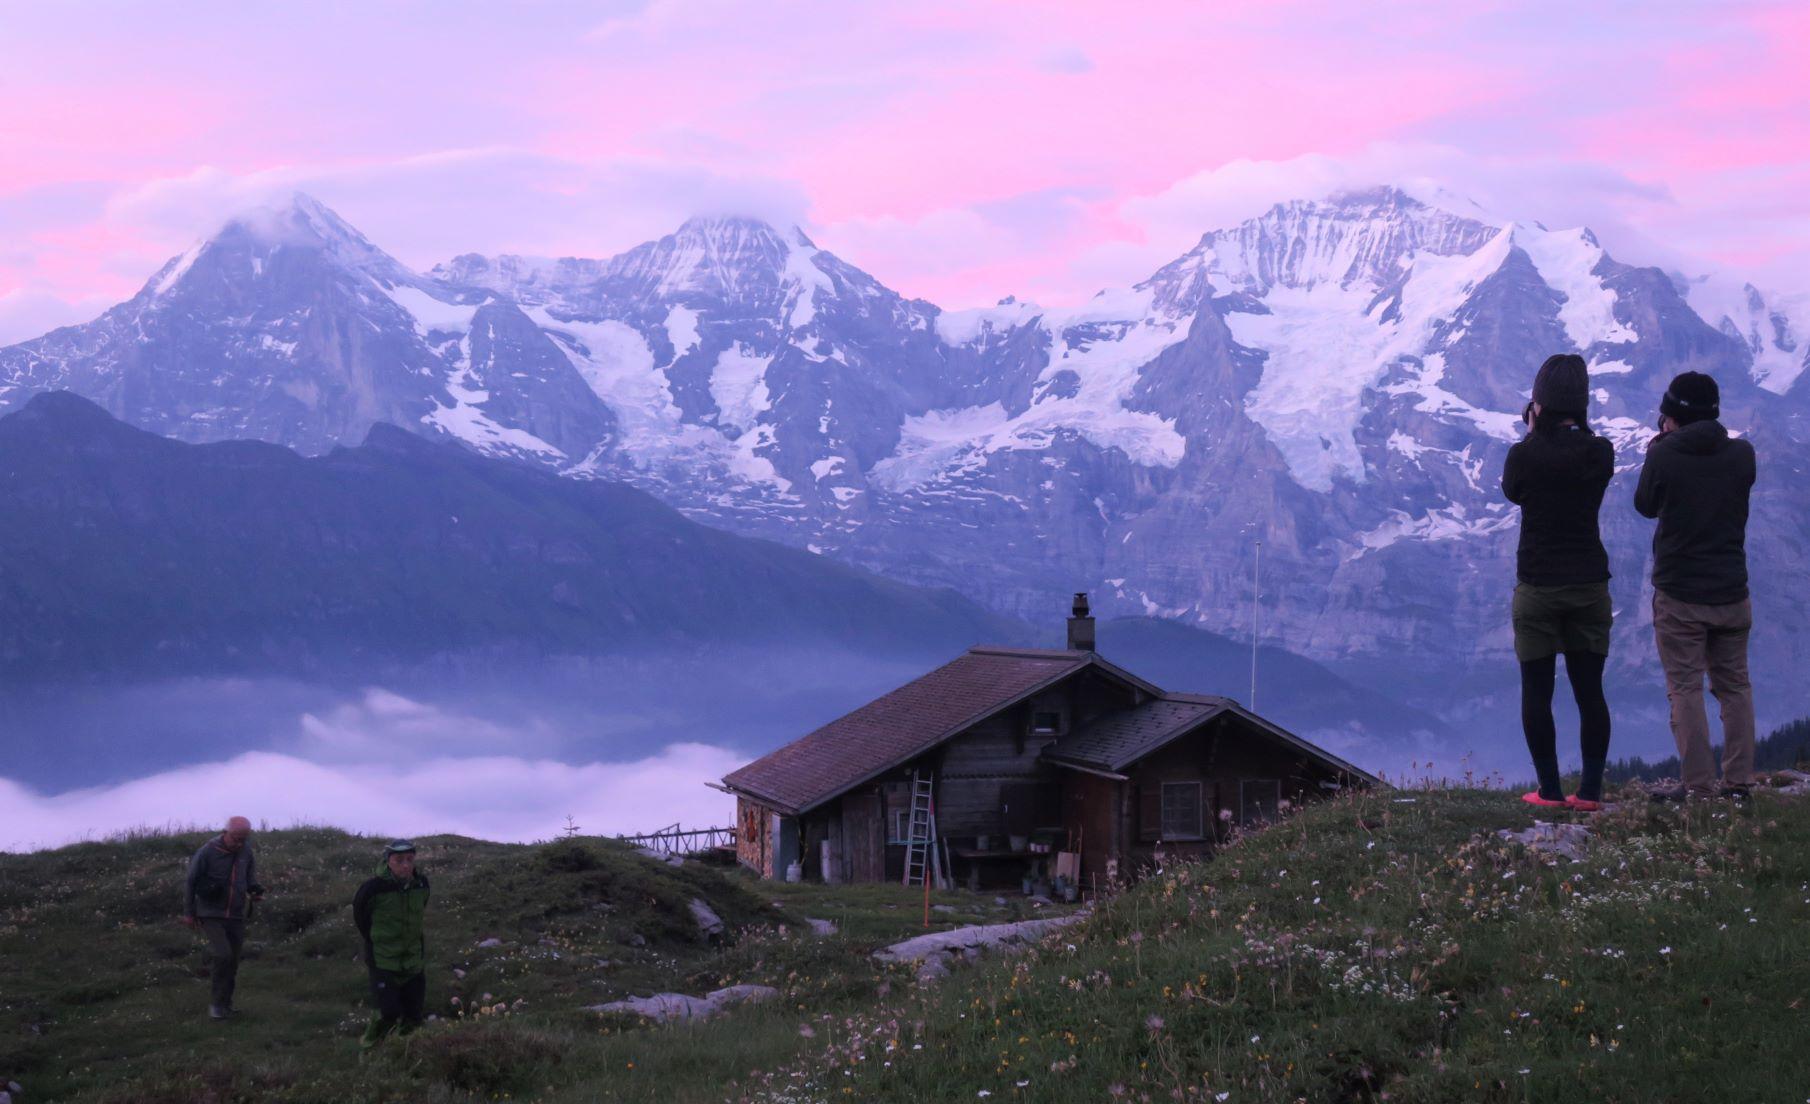 朝を迎えたベルナー・オーバーラント三山とロープホルン小屋(4日目)